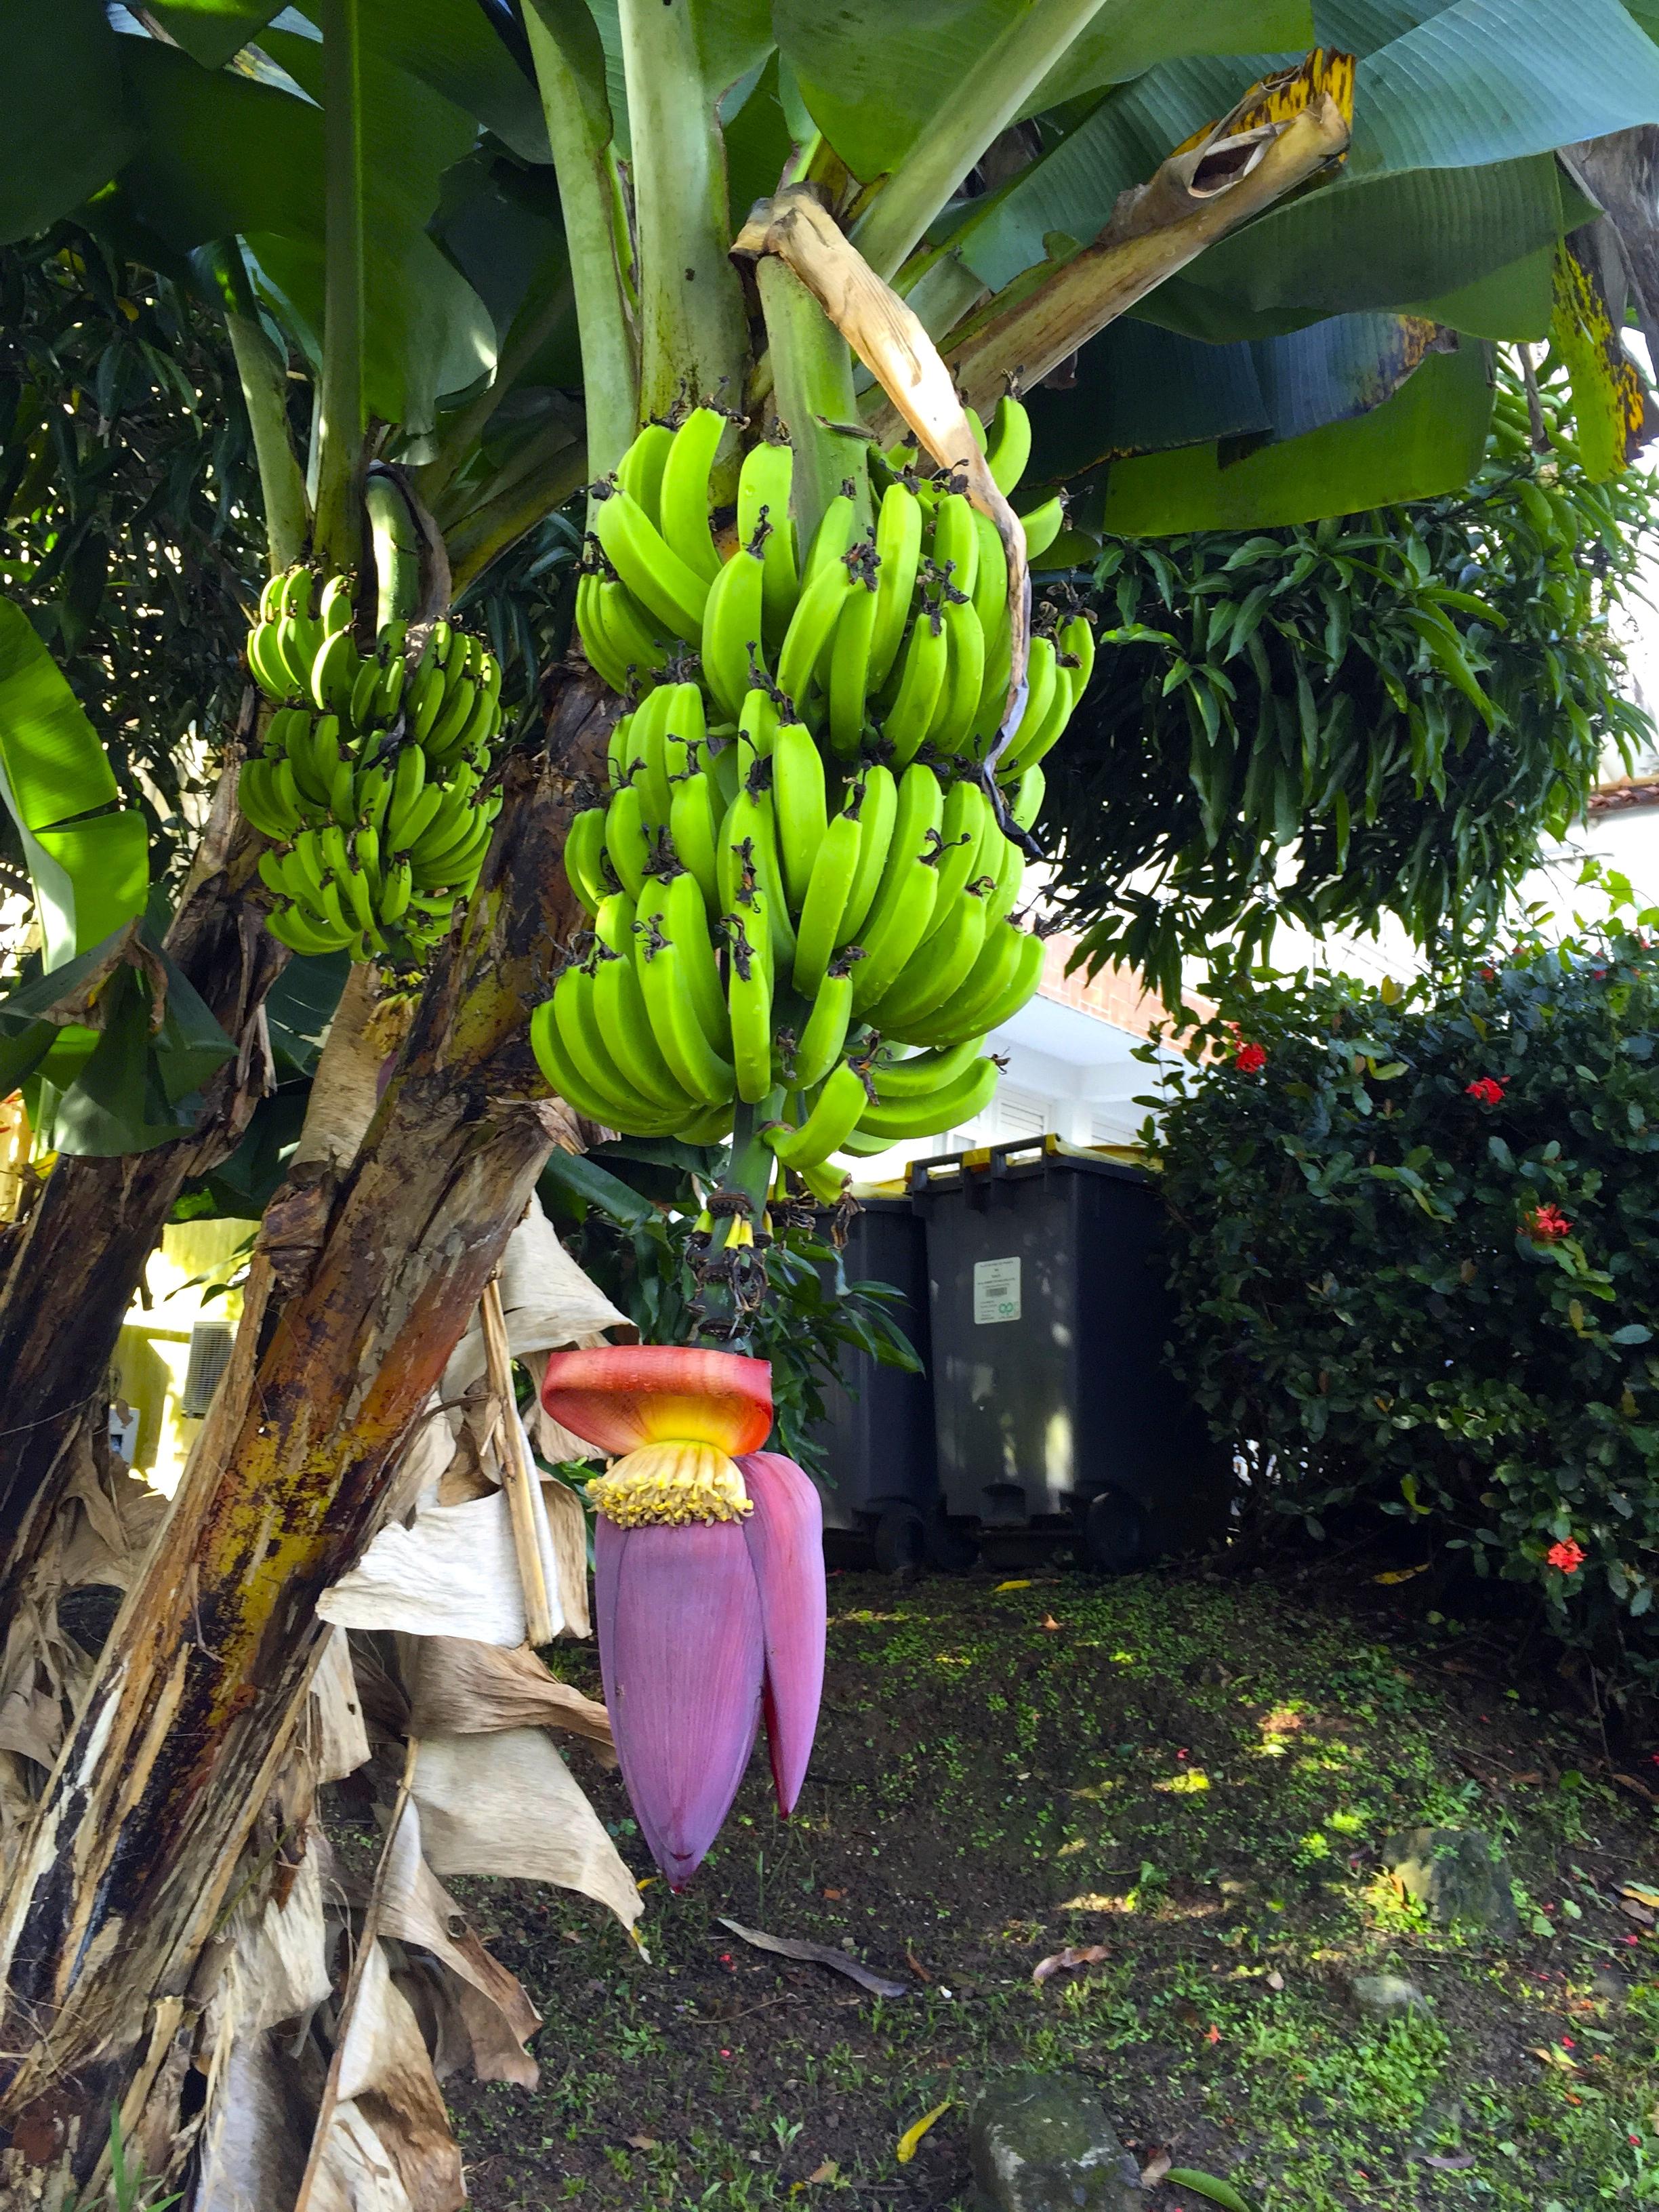 S minaire les modes de production agricole traditionnels for Chambre agriculture martinique